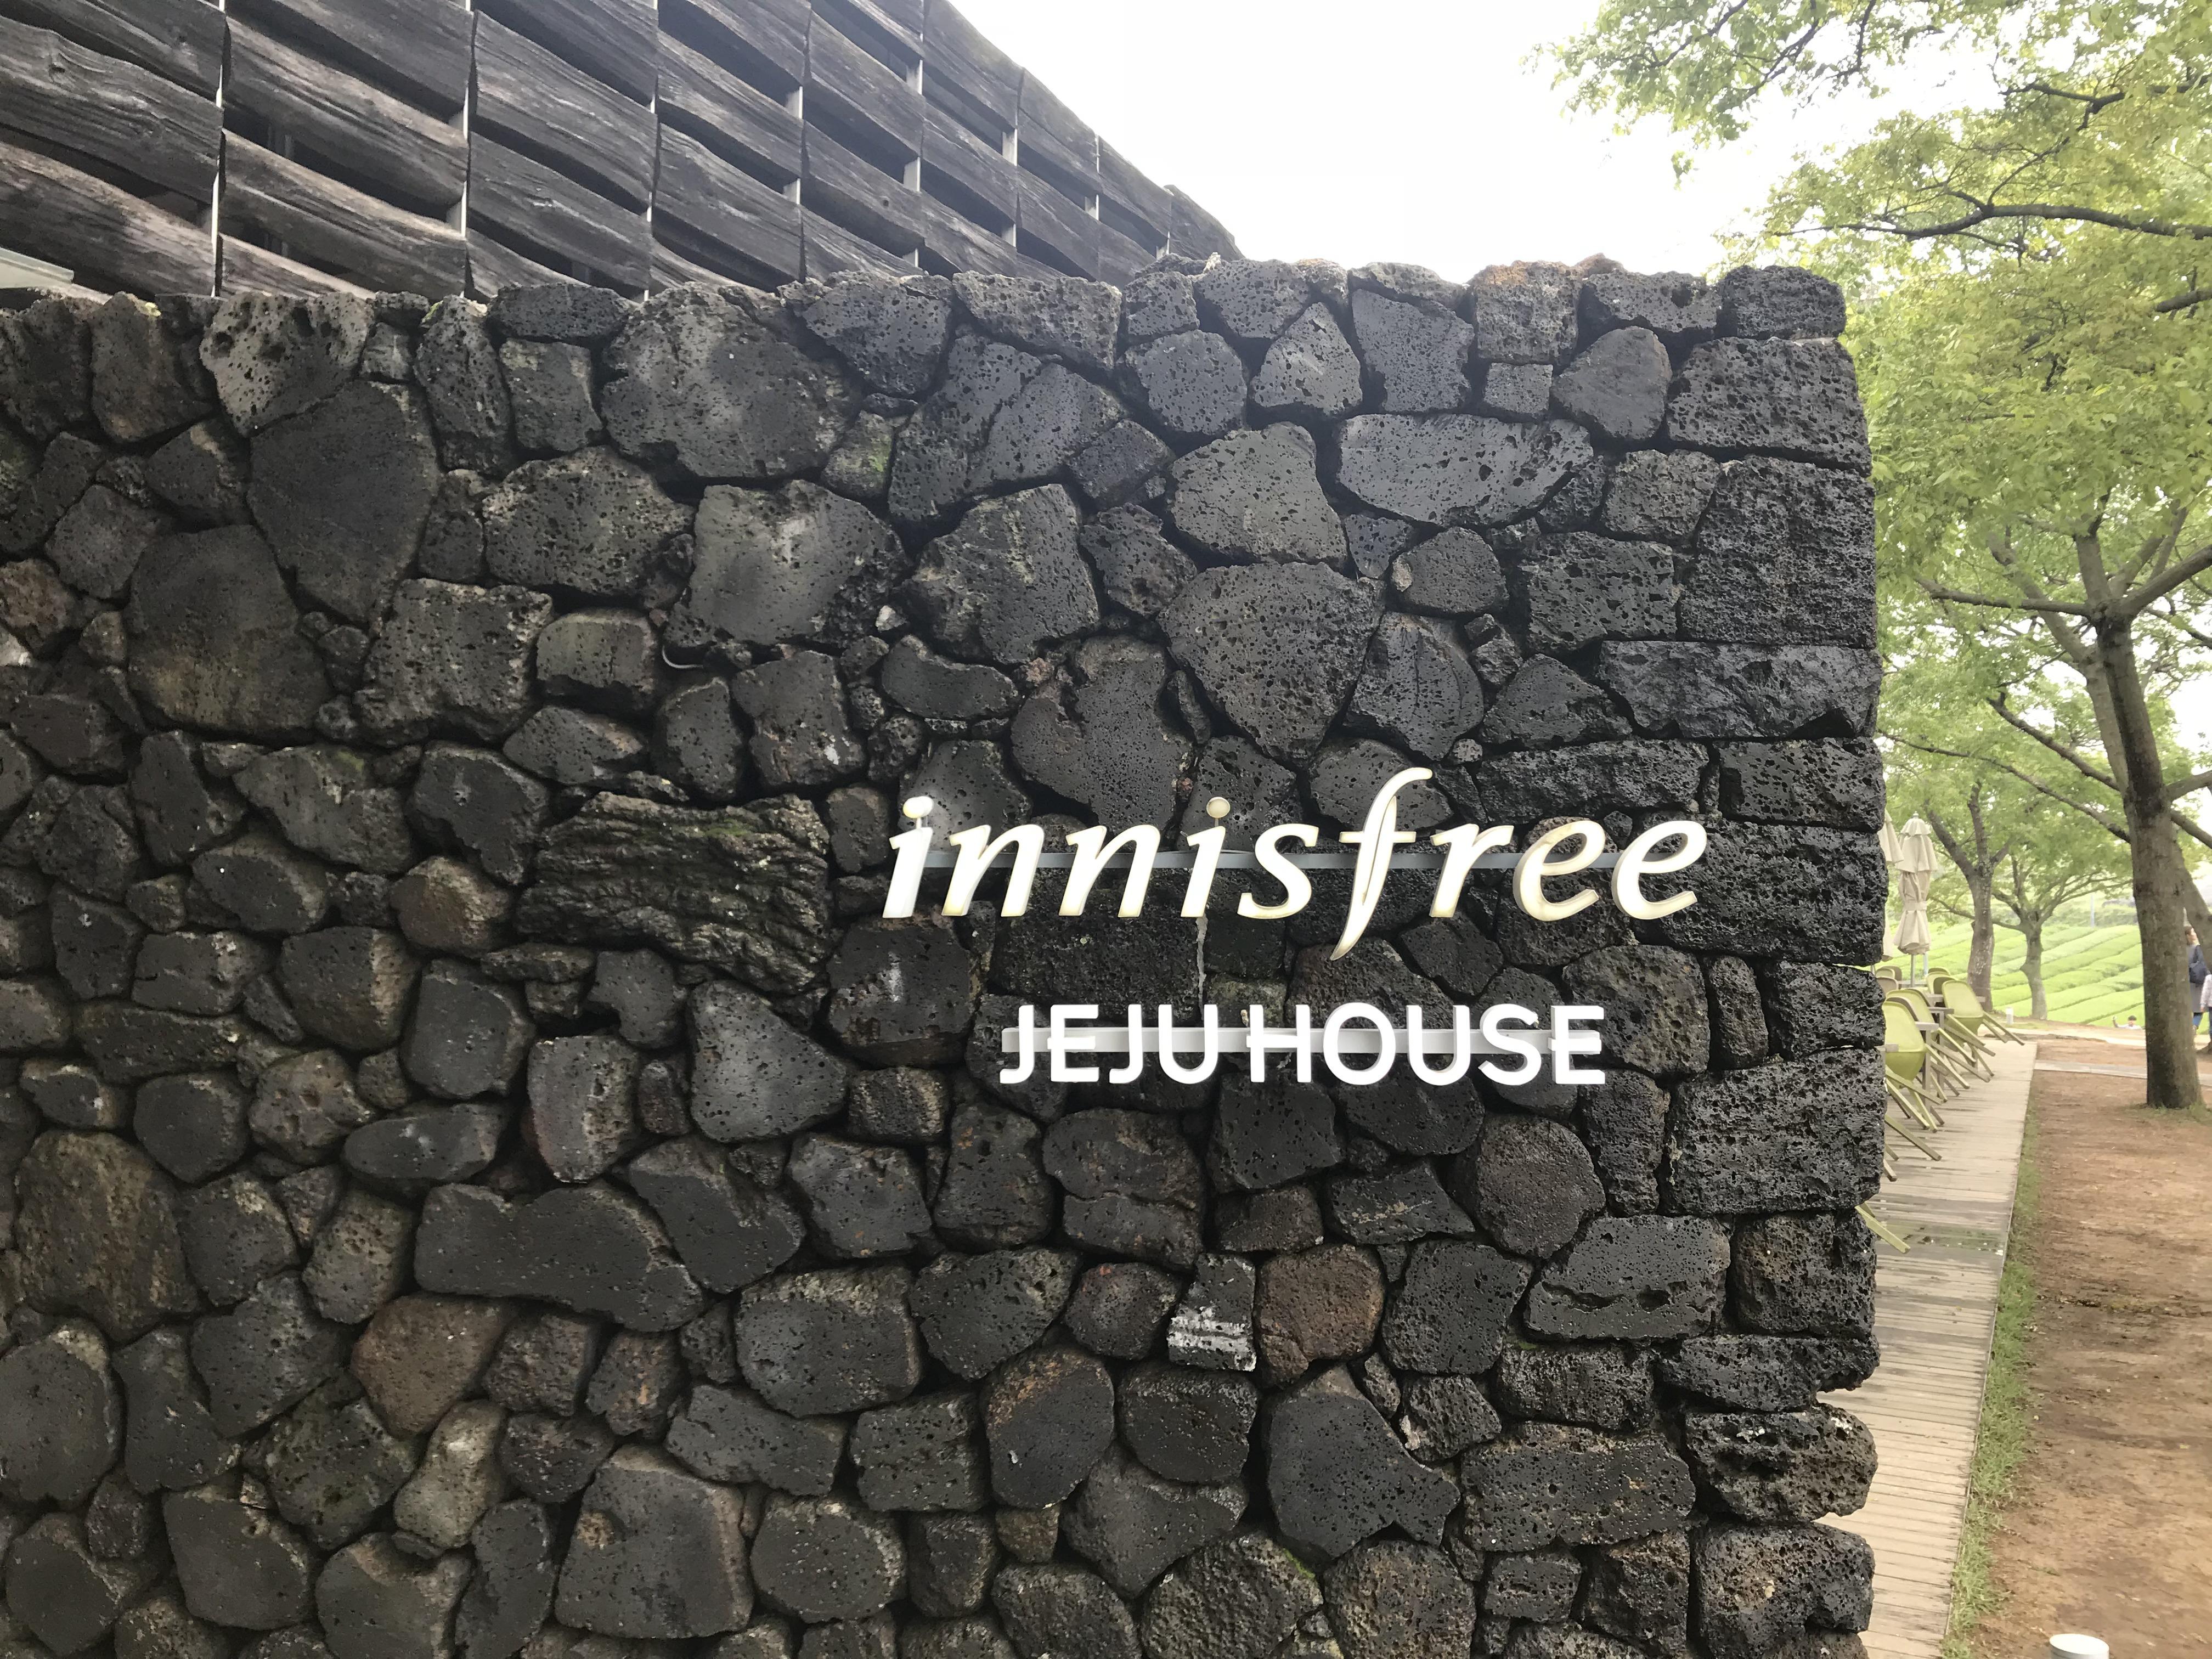 innisfree-jejuhouse-jeju-island